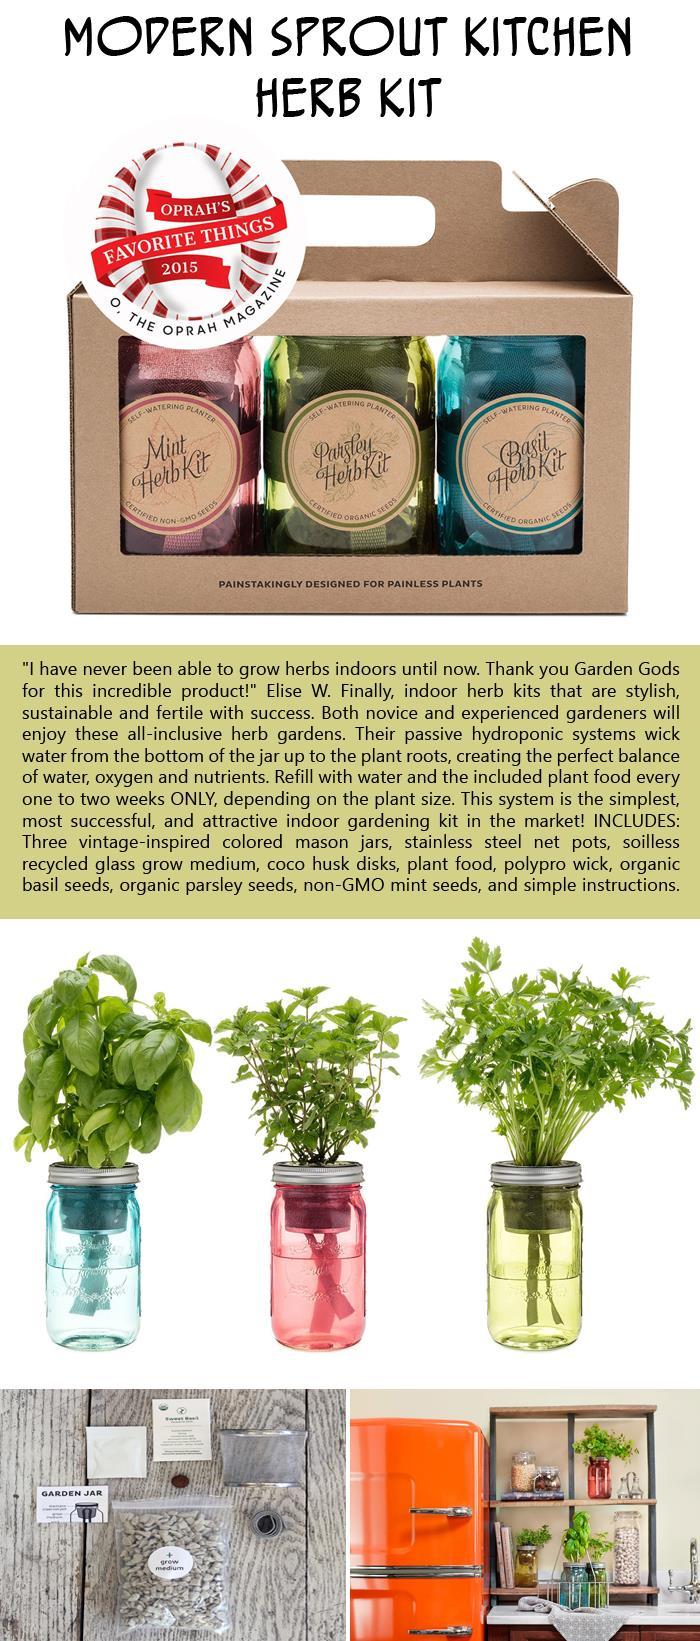 Modern Sprout kitchen herb kit